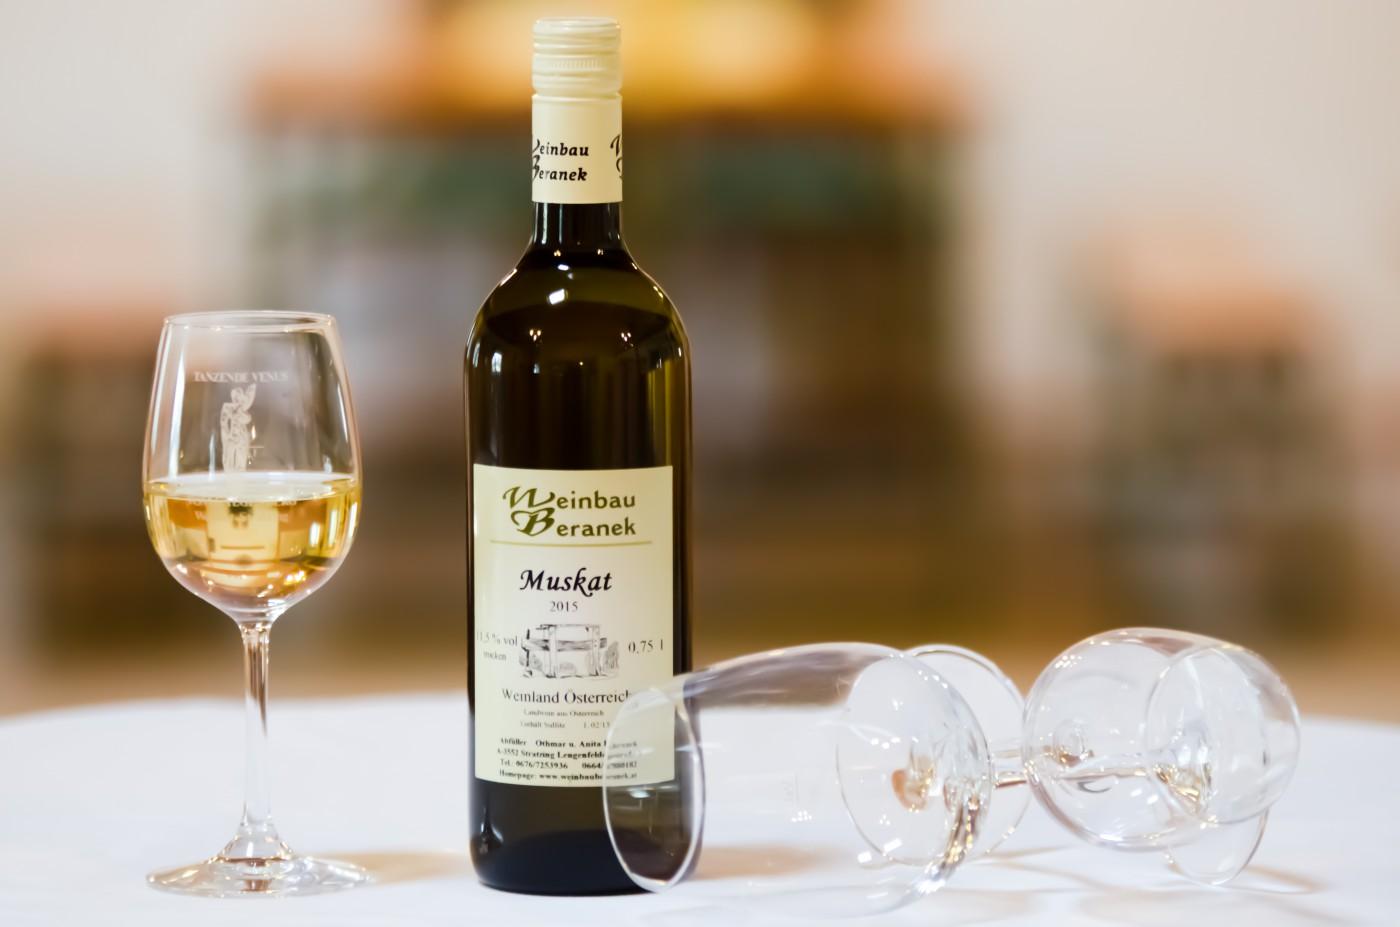 Muskat 2016 - Weinbau Beranek